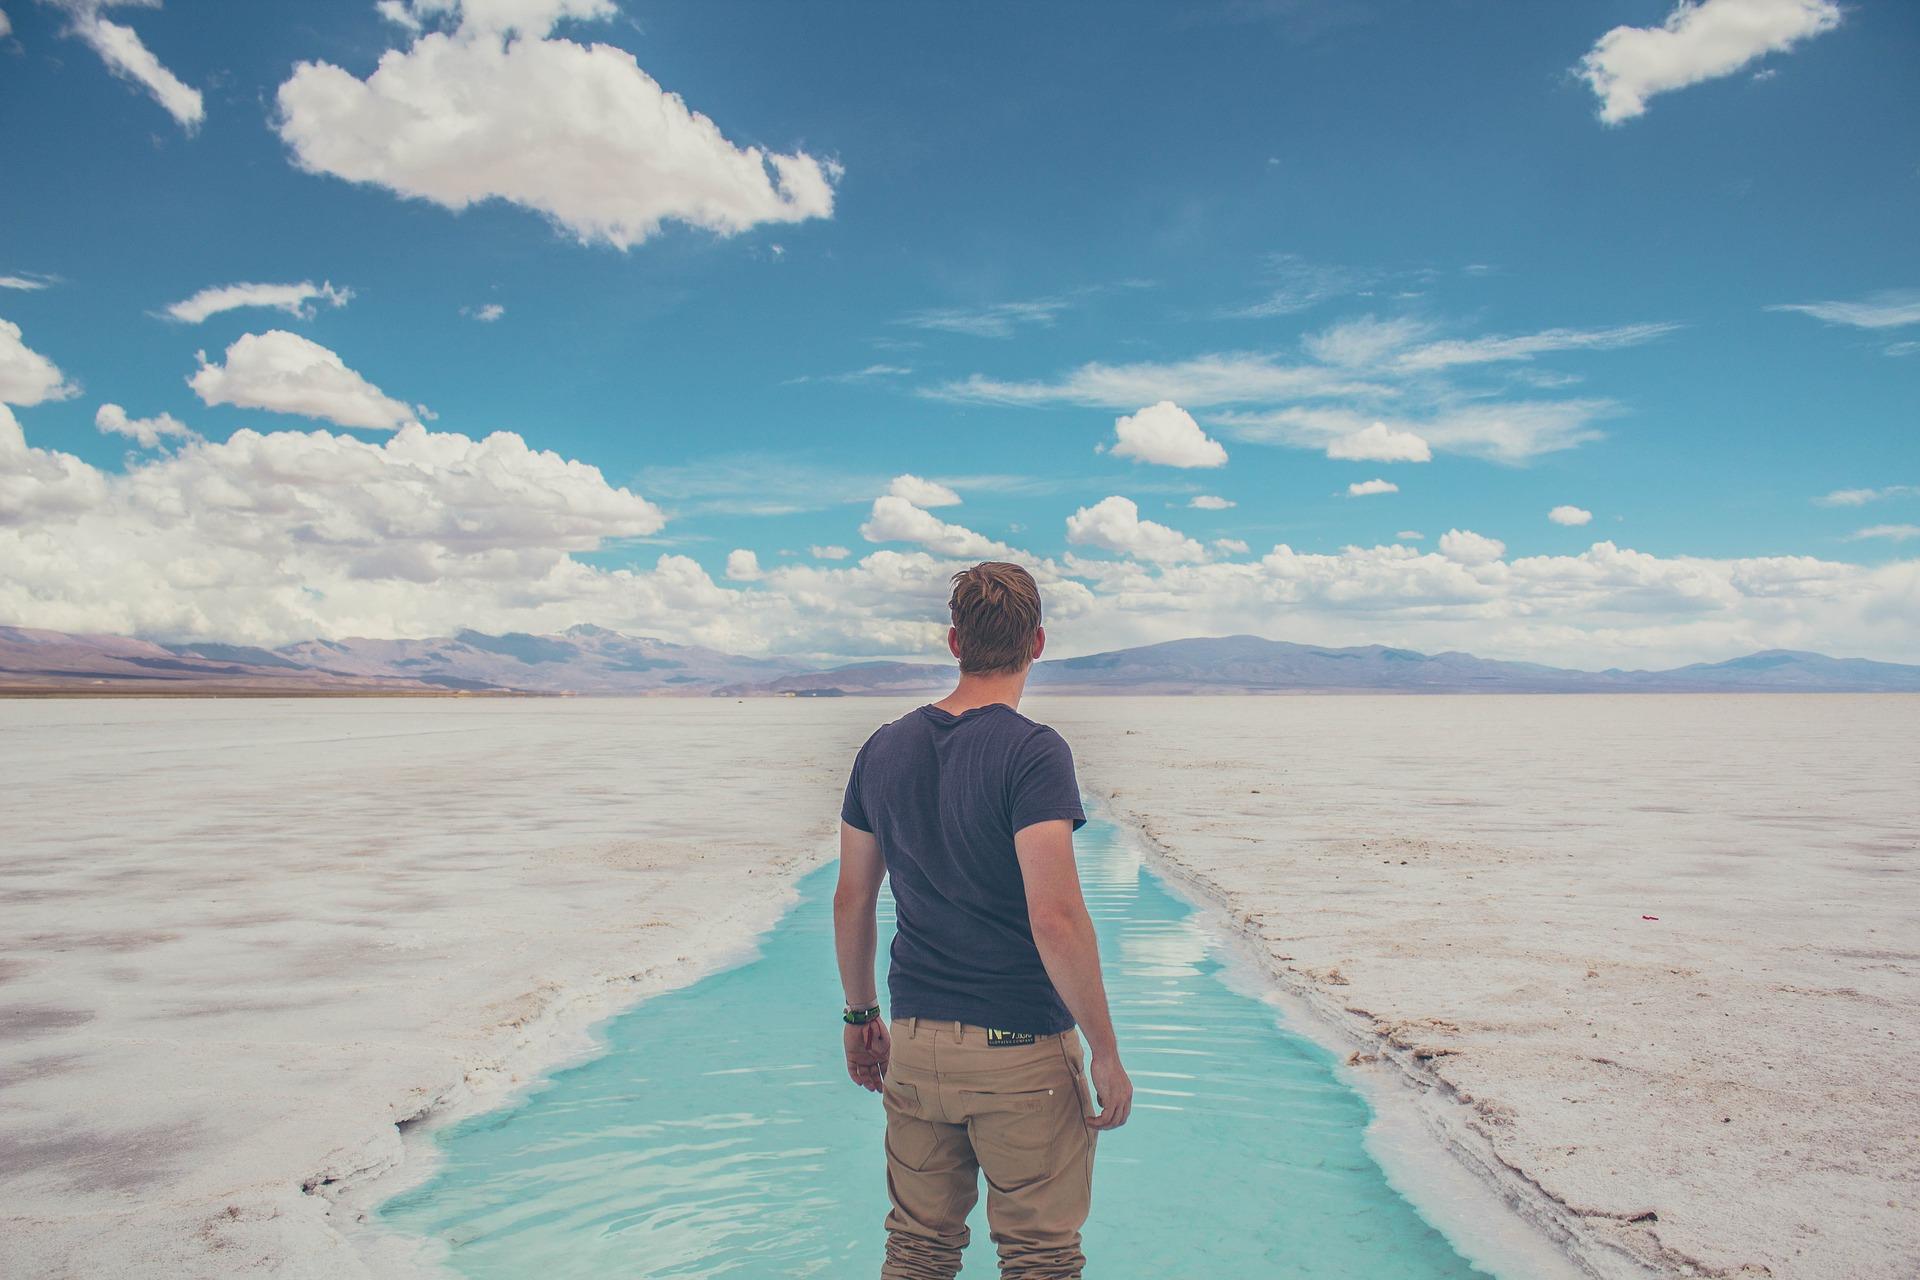 deserto, Salinas, homem, nuvens, Céu - Papéis de parede HD - Professor-falken.com